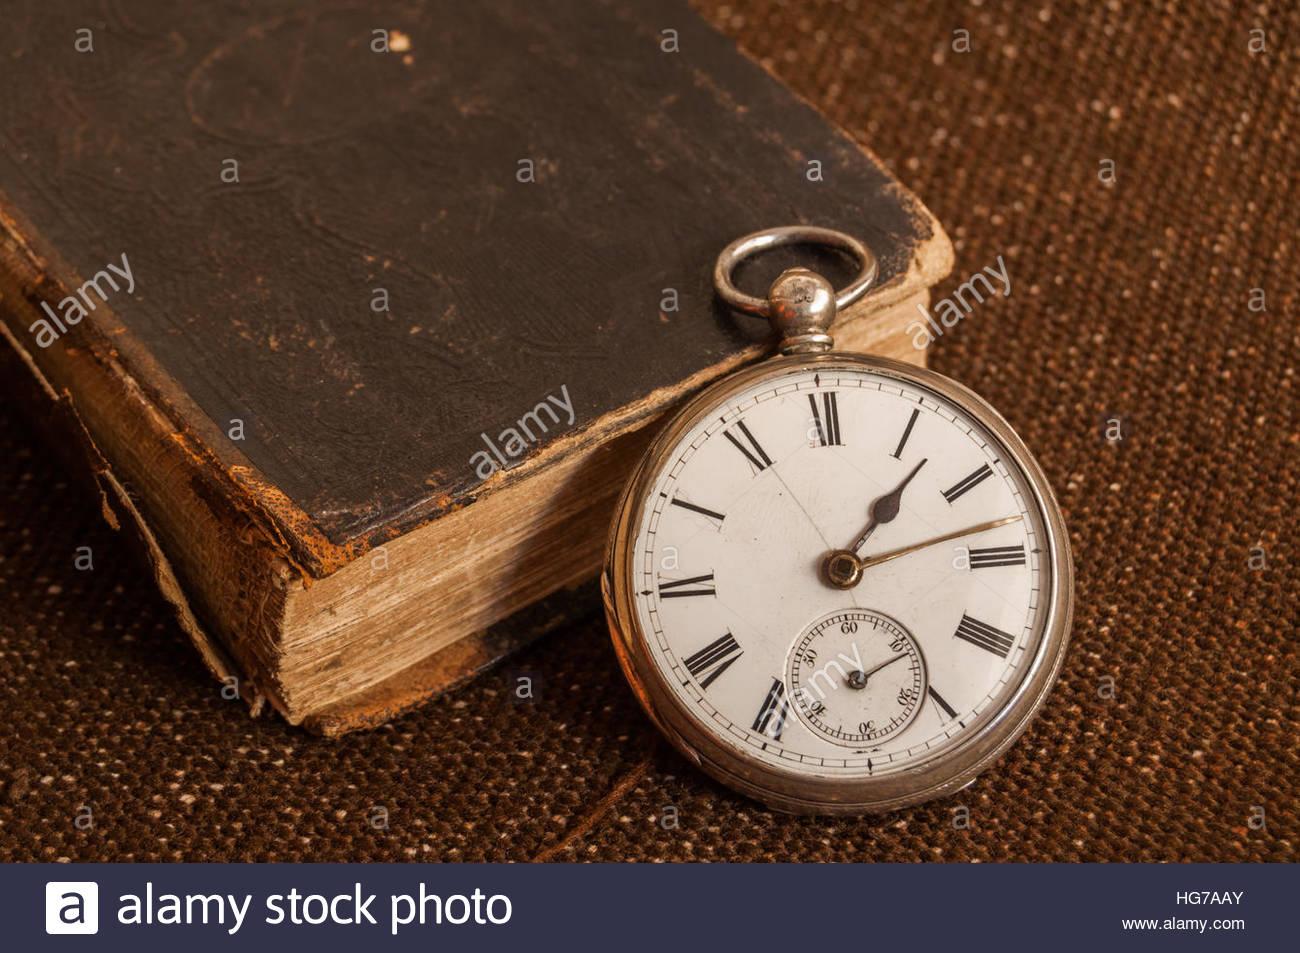 Très vieille montre de poche en argent sterling sur une vieille Bible Photo Stock